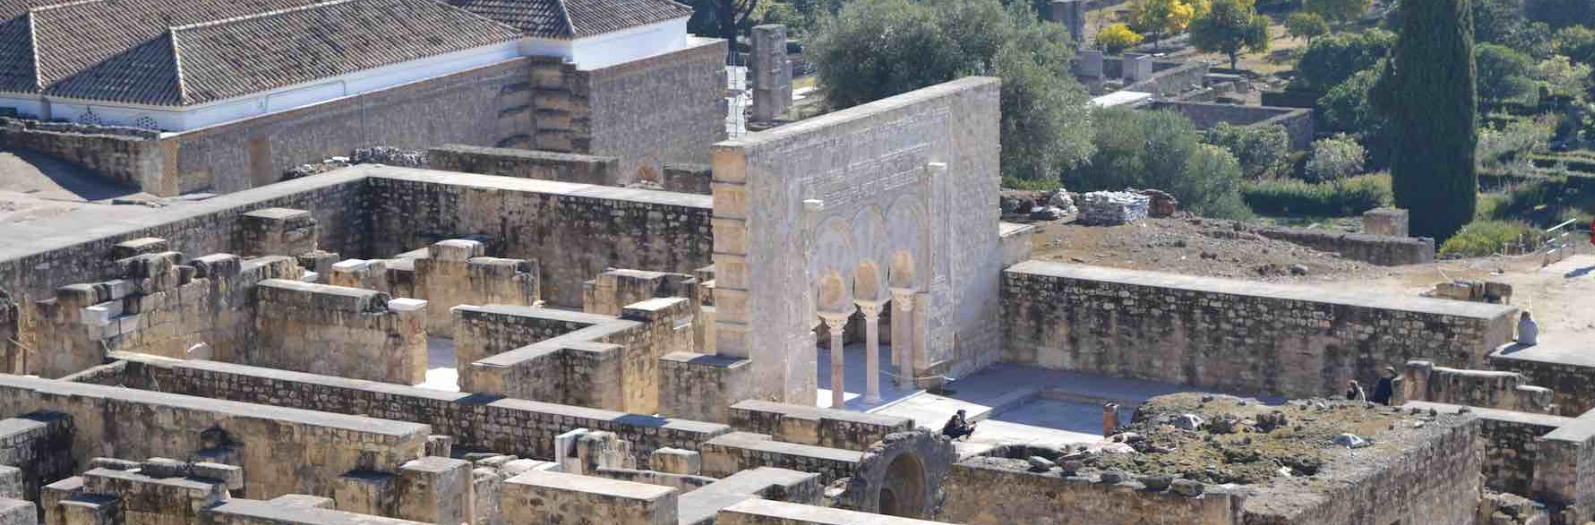 Medina Azahara Adarve Travel